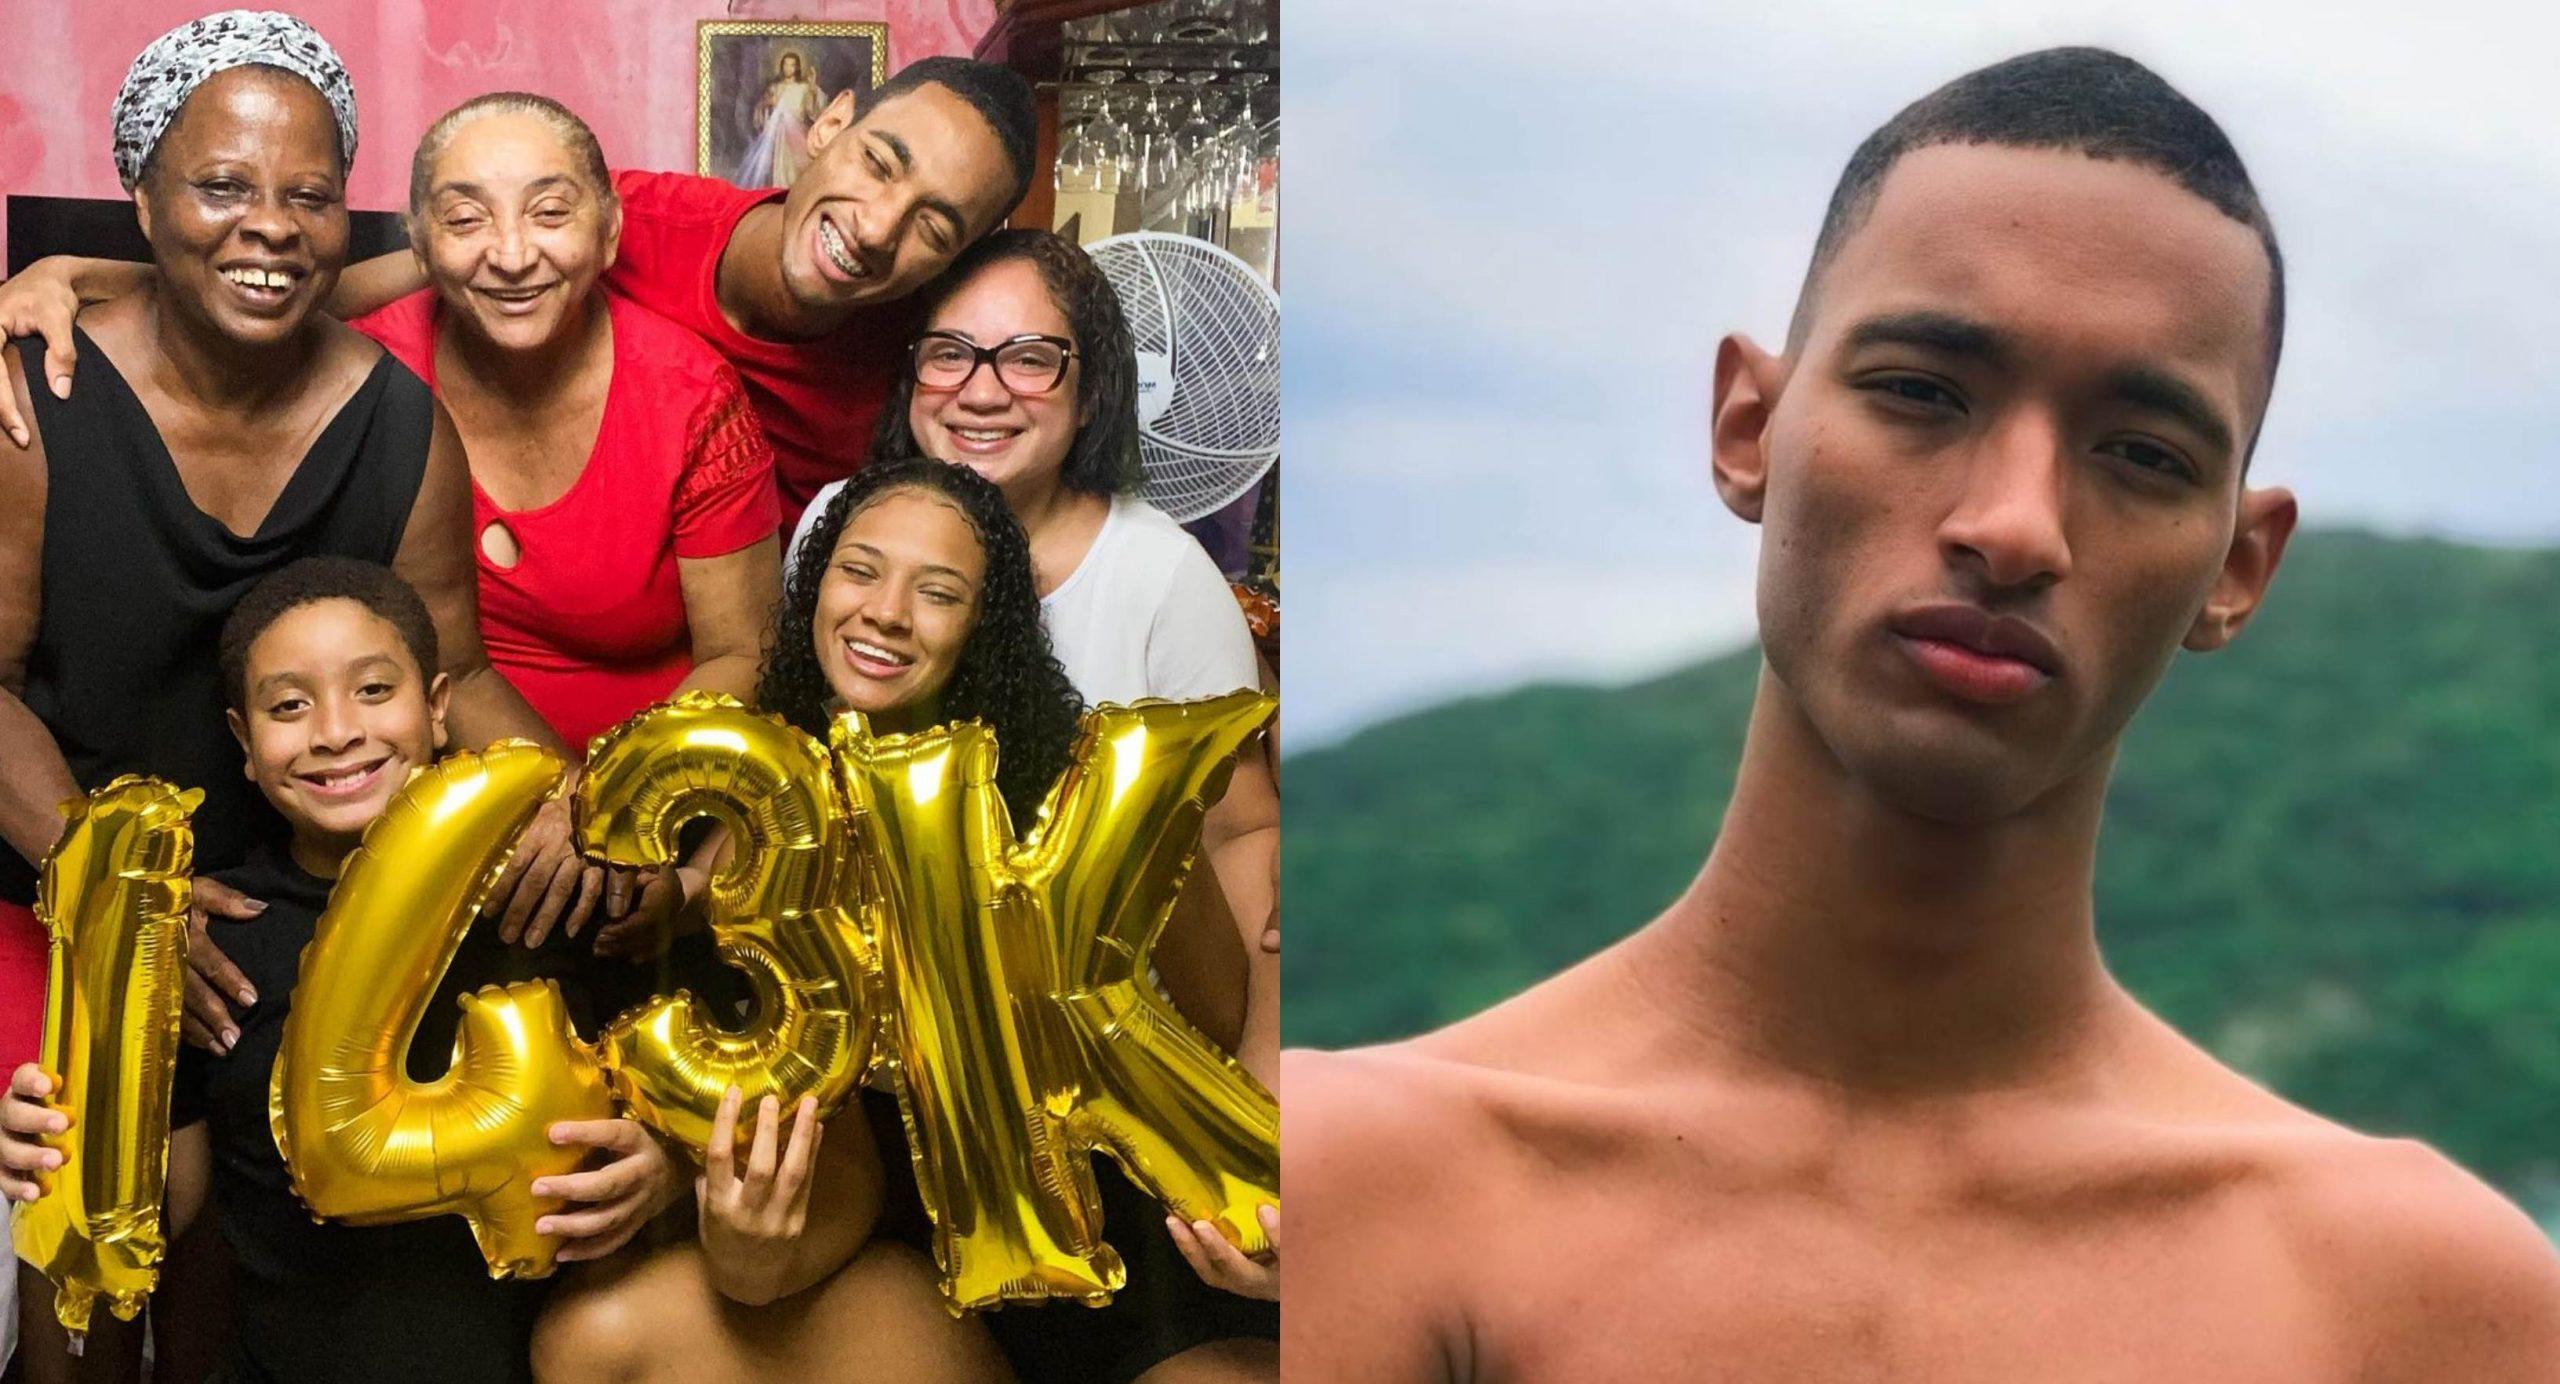 Conheça o Raphael Vicente, criador de conteúdo que viralizou nas redes com vídeos de humor ao lado da família